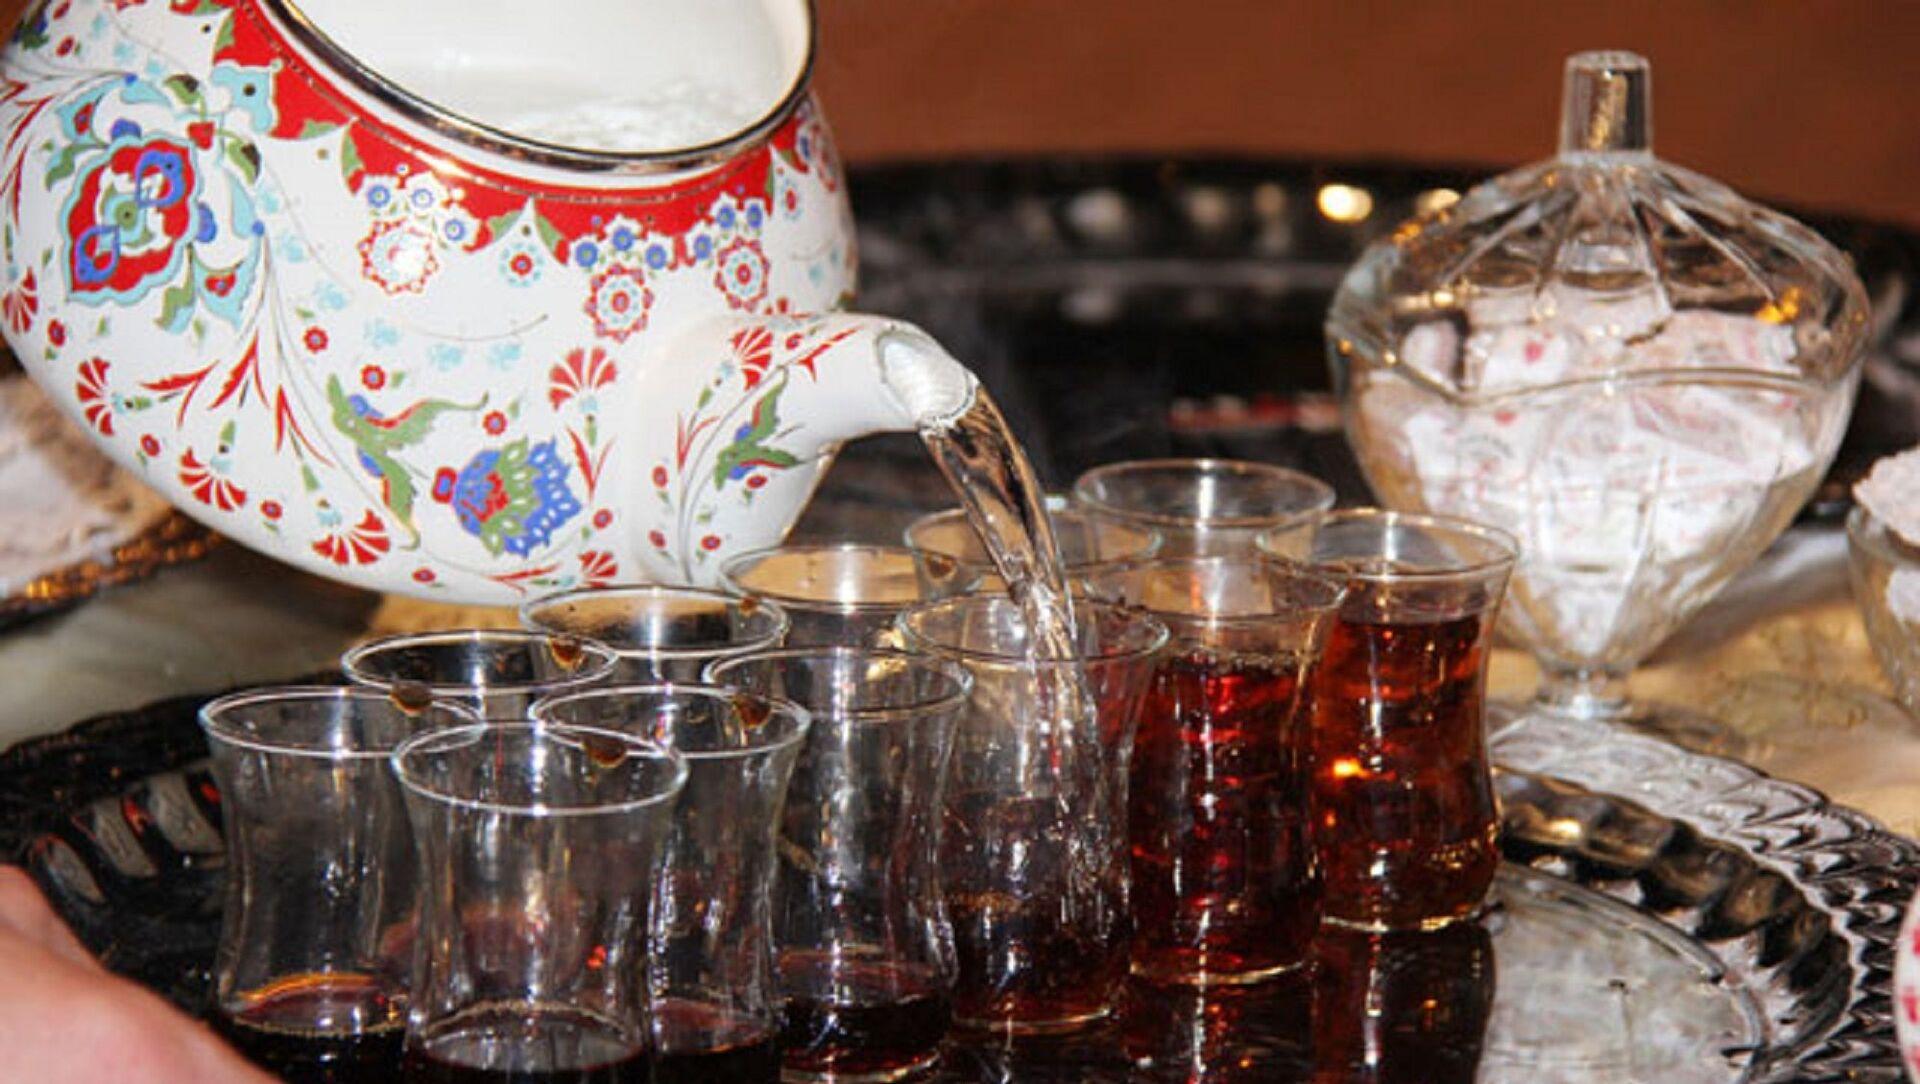 Çay - çay içmek - çay bardağı - Sputnik Türkiye, 1920, 25.03.2021